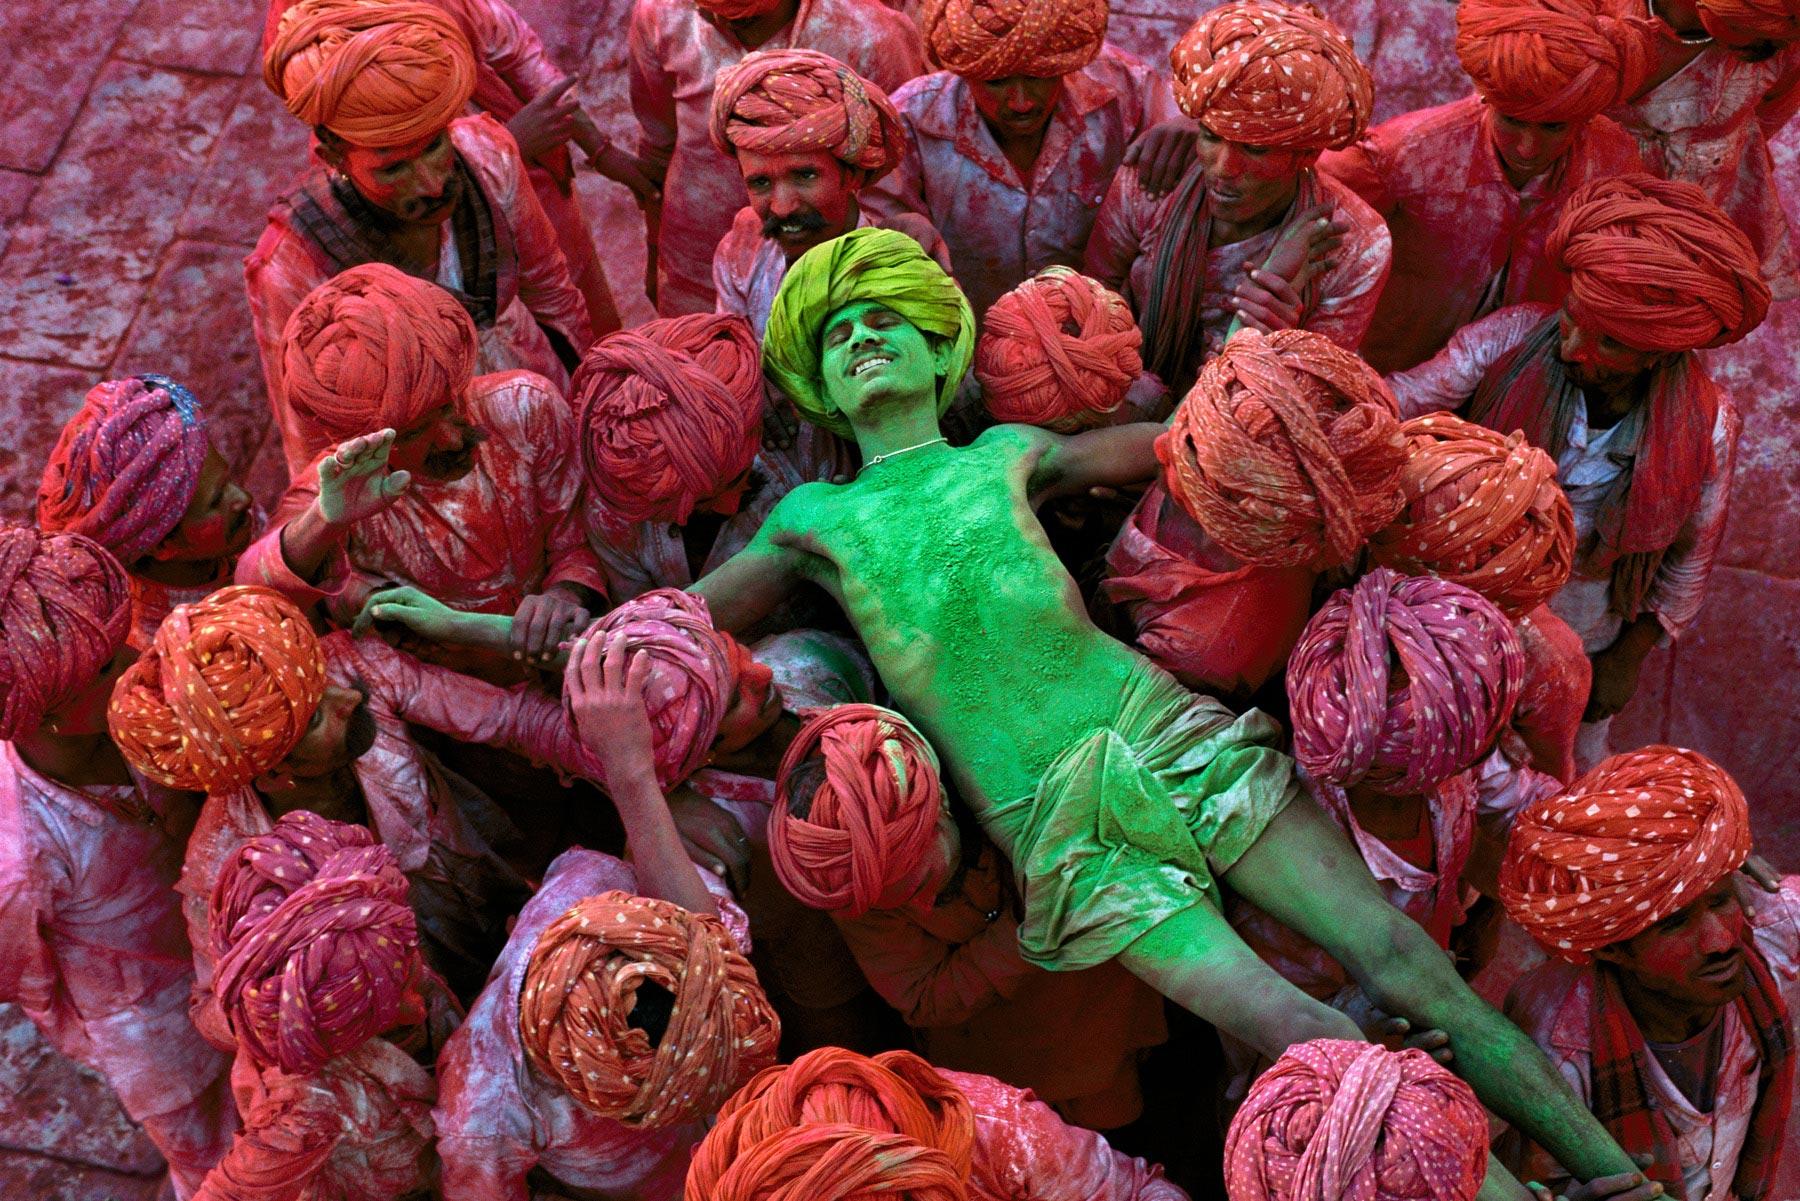 INDIA-10005NF4.jpg